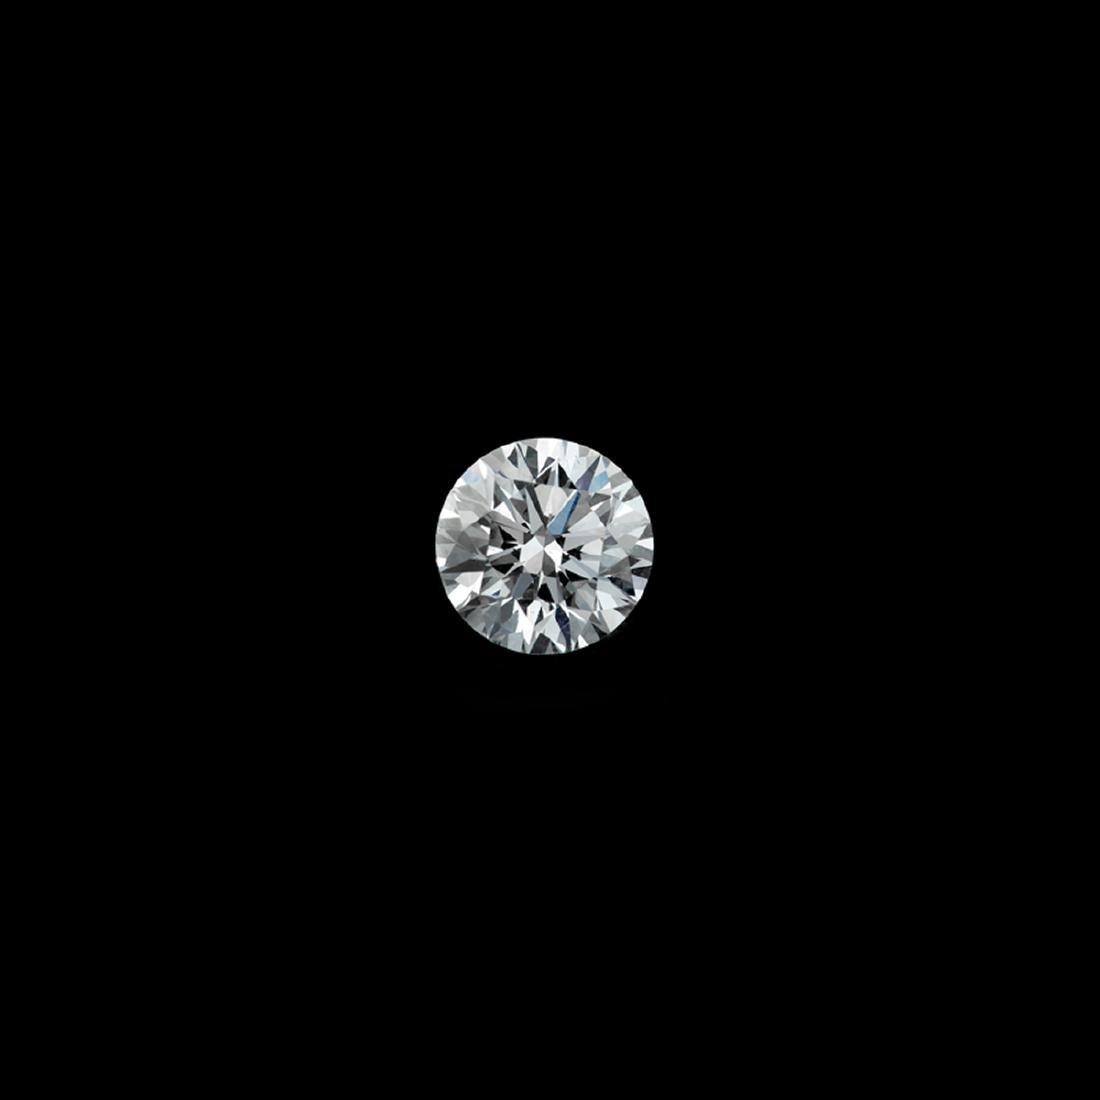 *Fine Jewelry 1.01CT Round Brilliant Cut Diamond